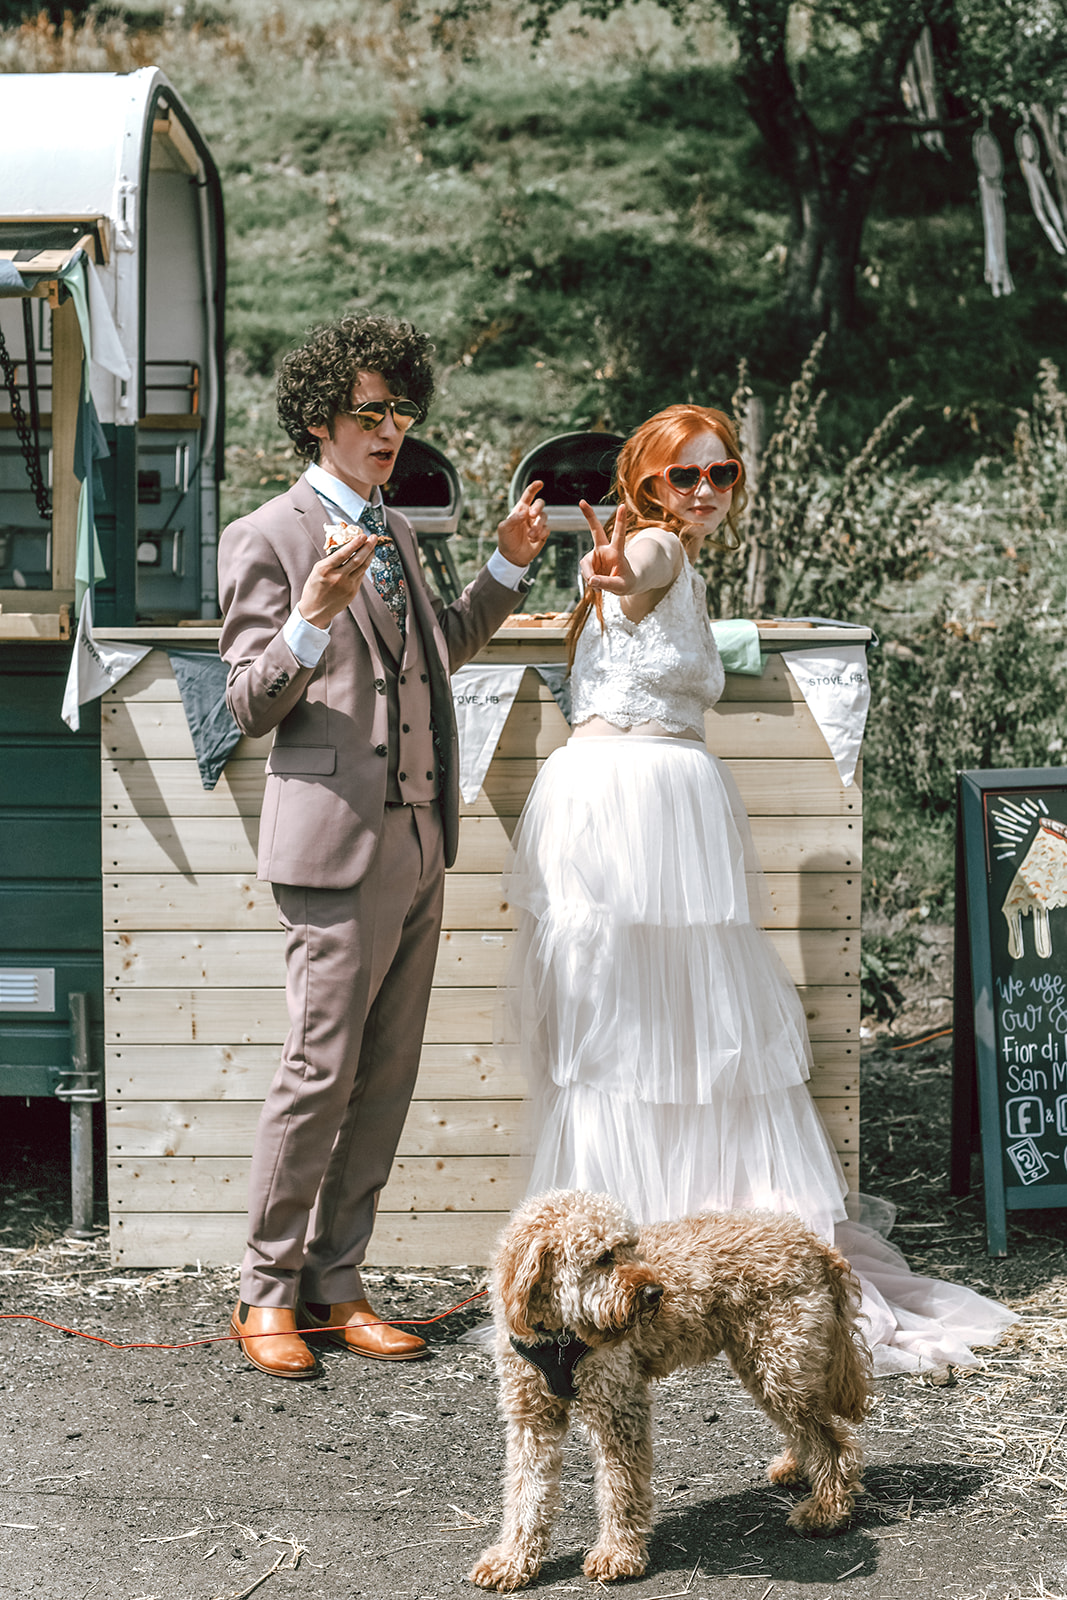 rustic festival wedding - fun wedding - farm wedding - relaxed wedding ideas